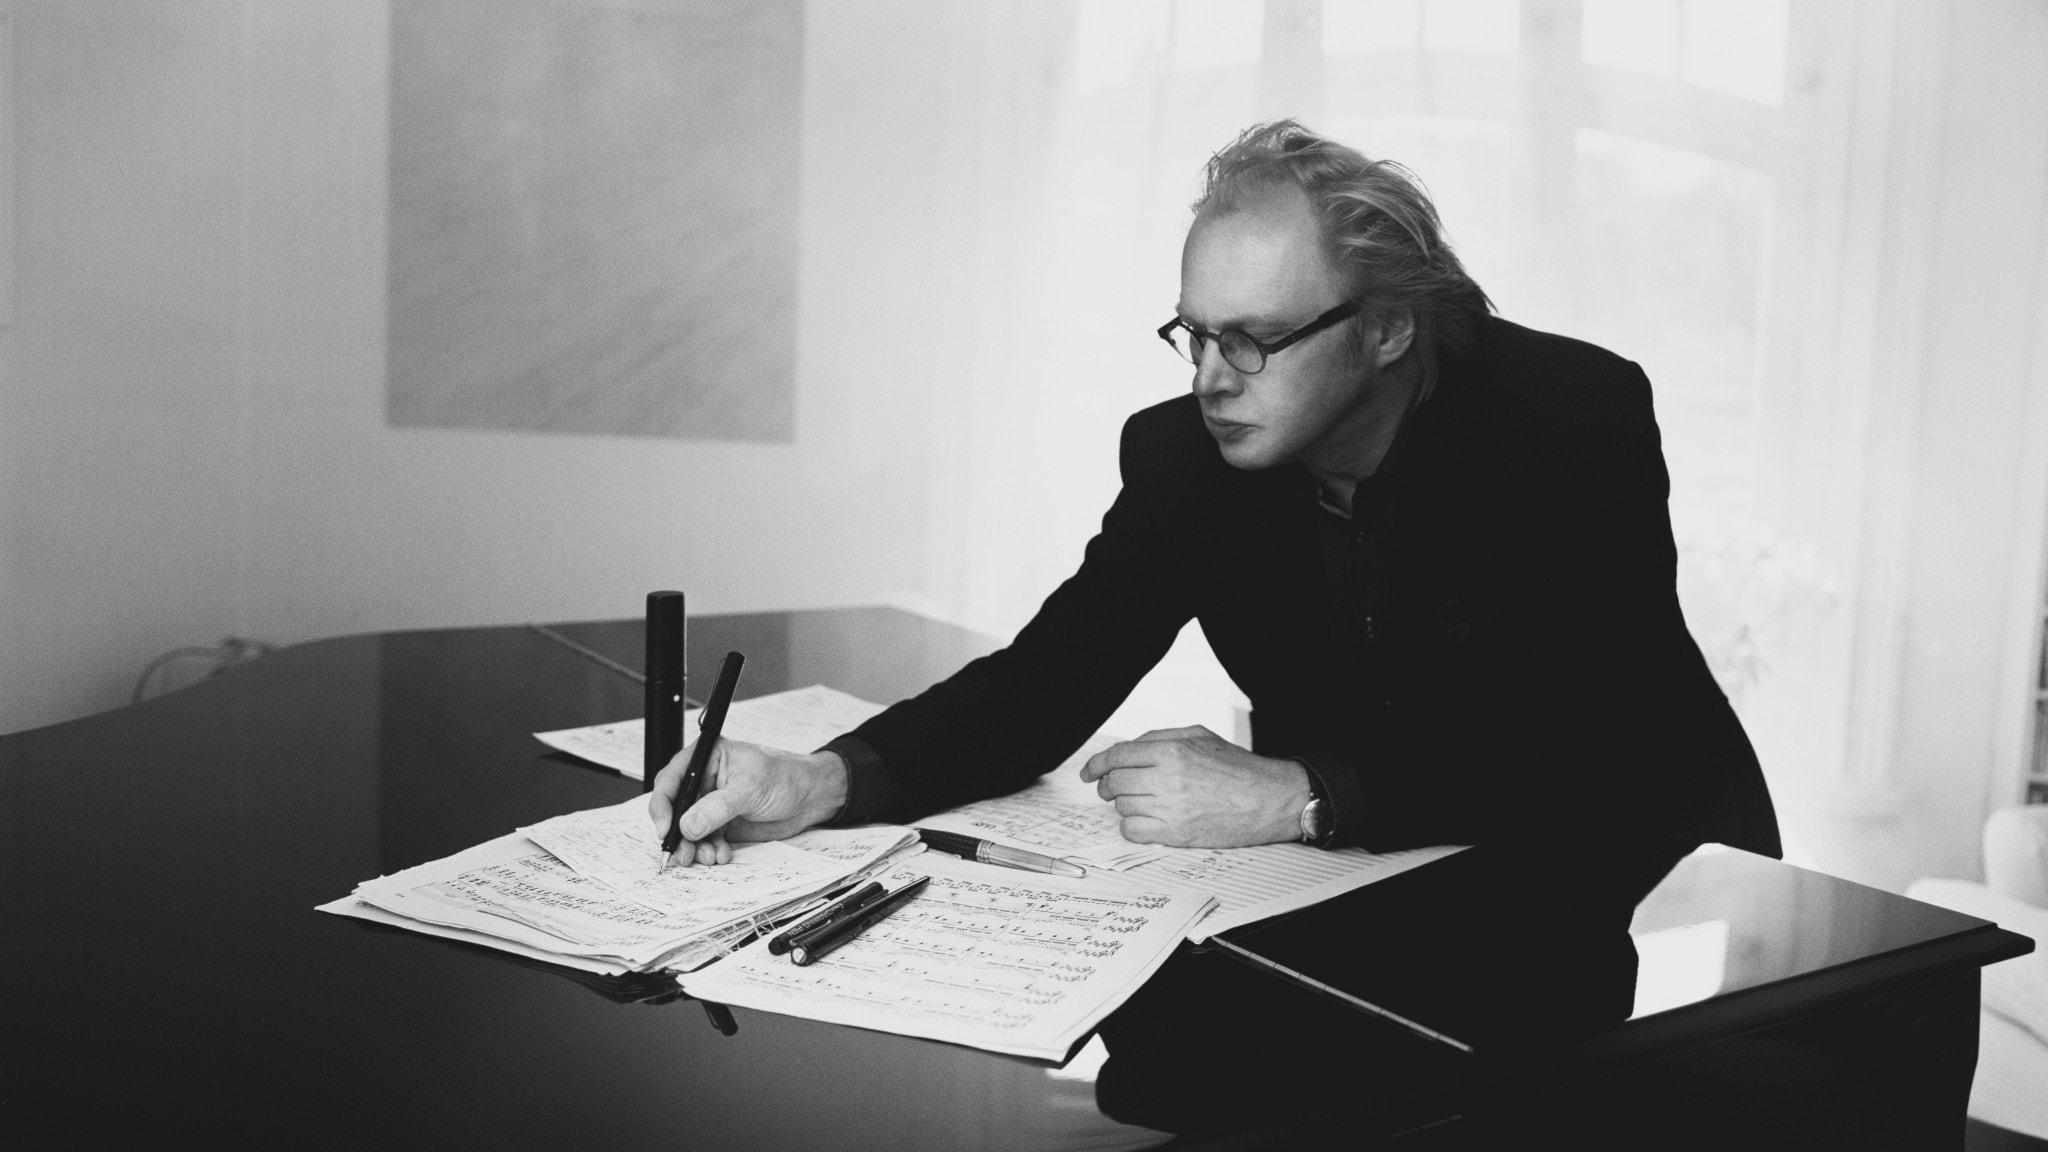 DIREKT: Beethovens pianosonater i ord och ton